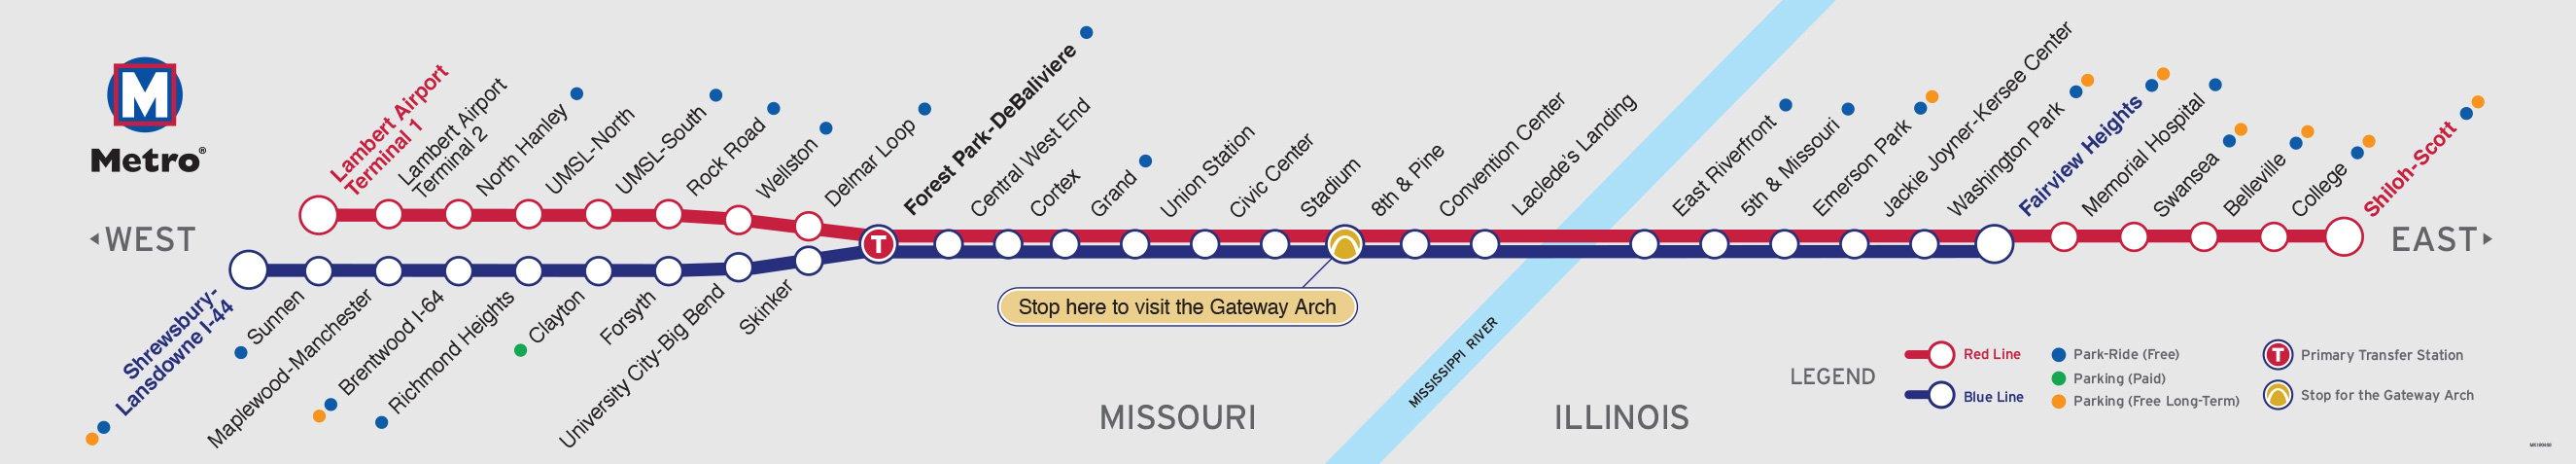 Metrolink Metro Transit St Louis